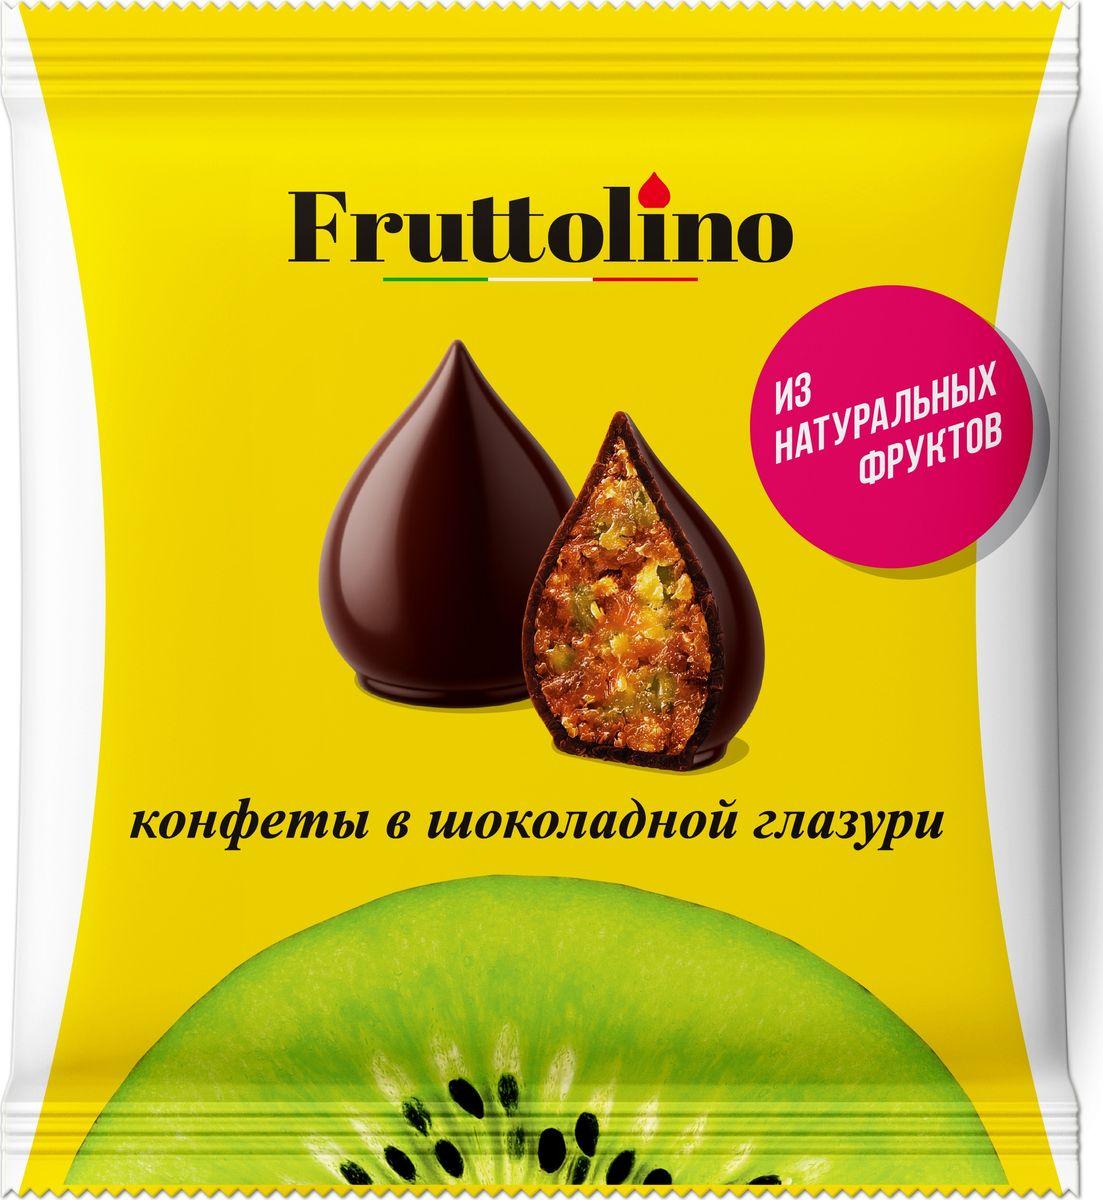 Fruttolino Киви конфеты, 140 г16.7392Сочные и душистые фрукты – основной ингредиент конфет Fruttolino, приготовленных из натуральных фруктов и покрытых превосходной шоколадной глазурью, созданной из отборных африканских какао-бобов.Конфеты Fruttolino прекрасно заменят привычные сладости, понравятся всем, кто заботится о здоровье и фигуре.